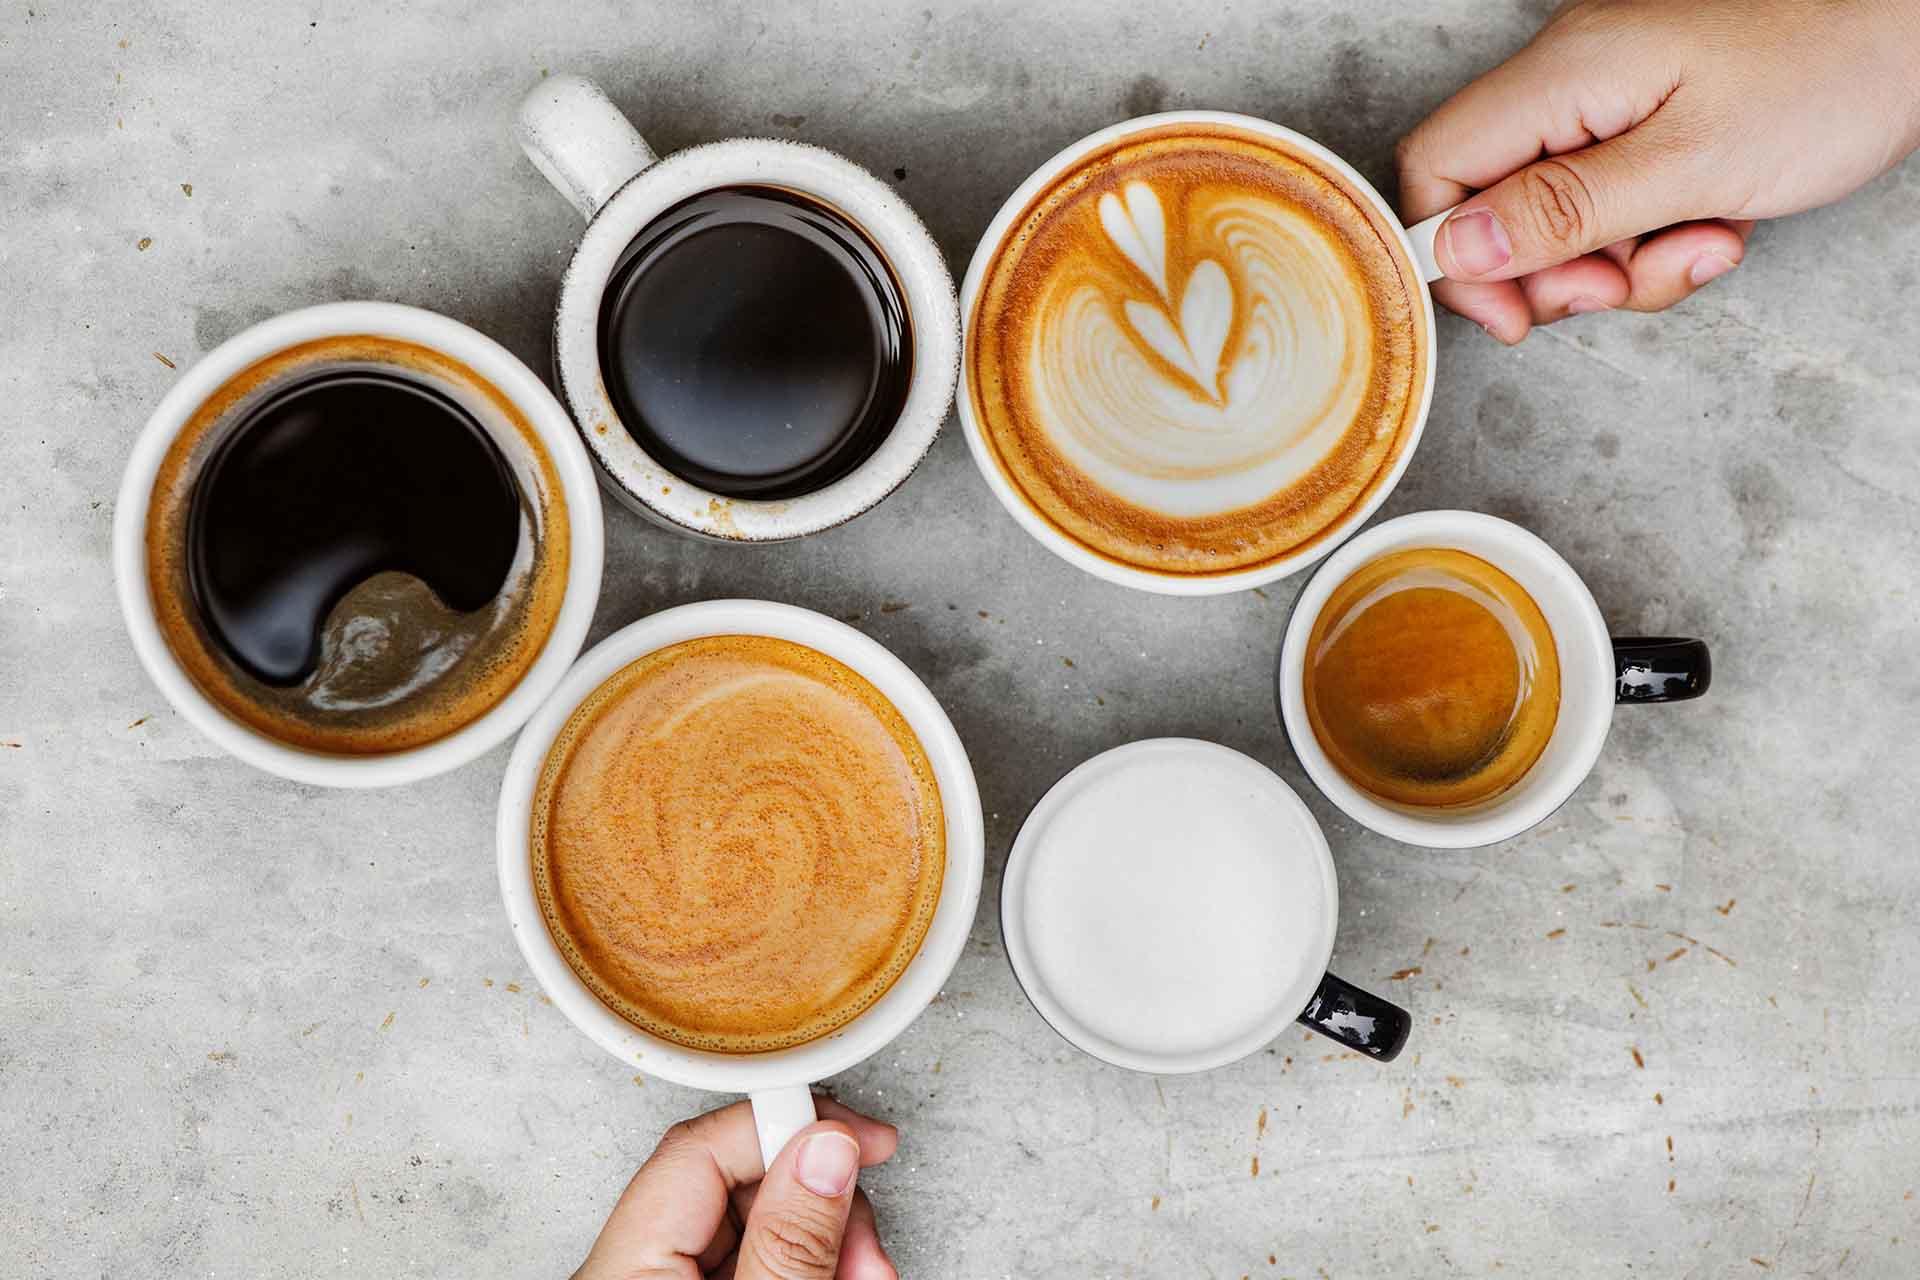 t2informatik Blog: Collaboration à la Coffee Shop